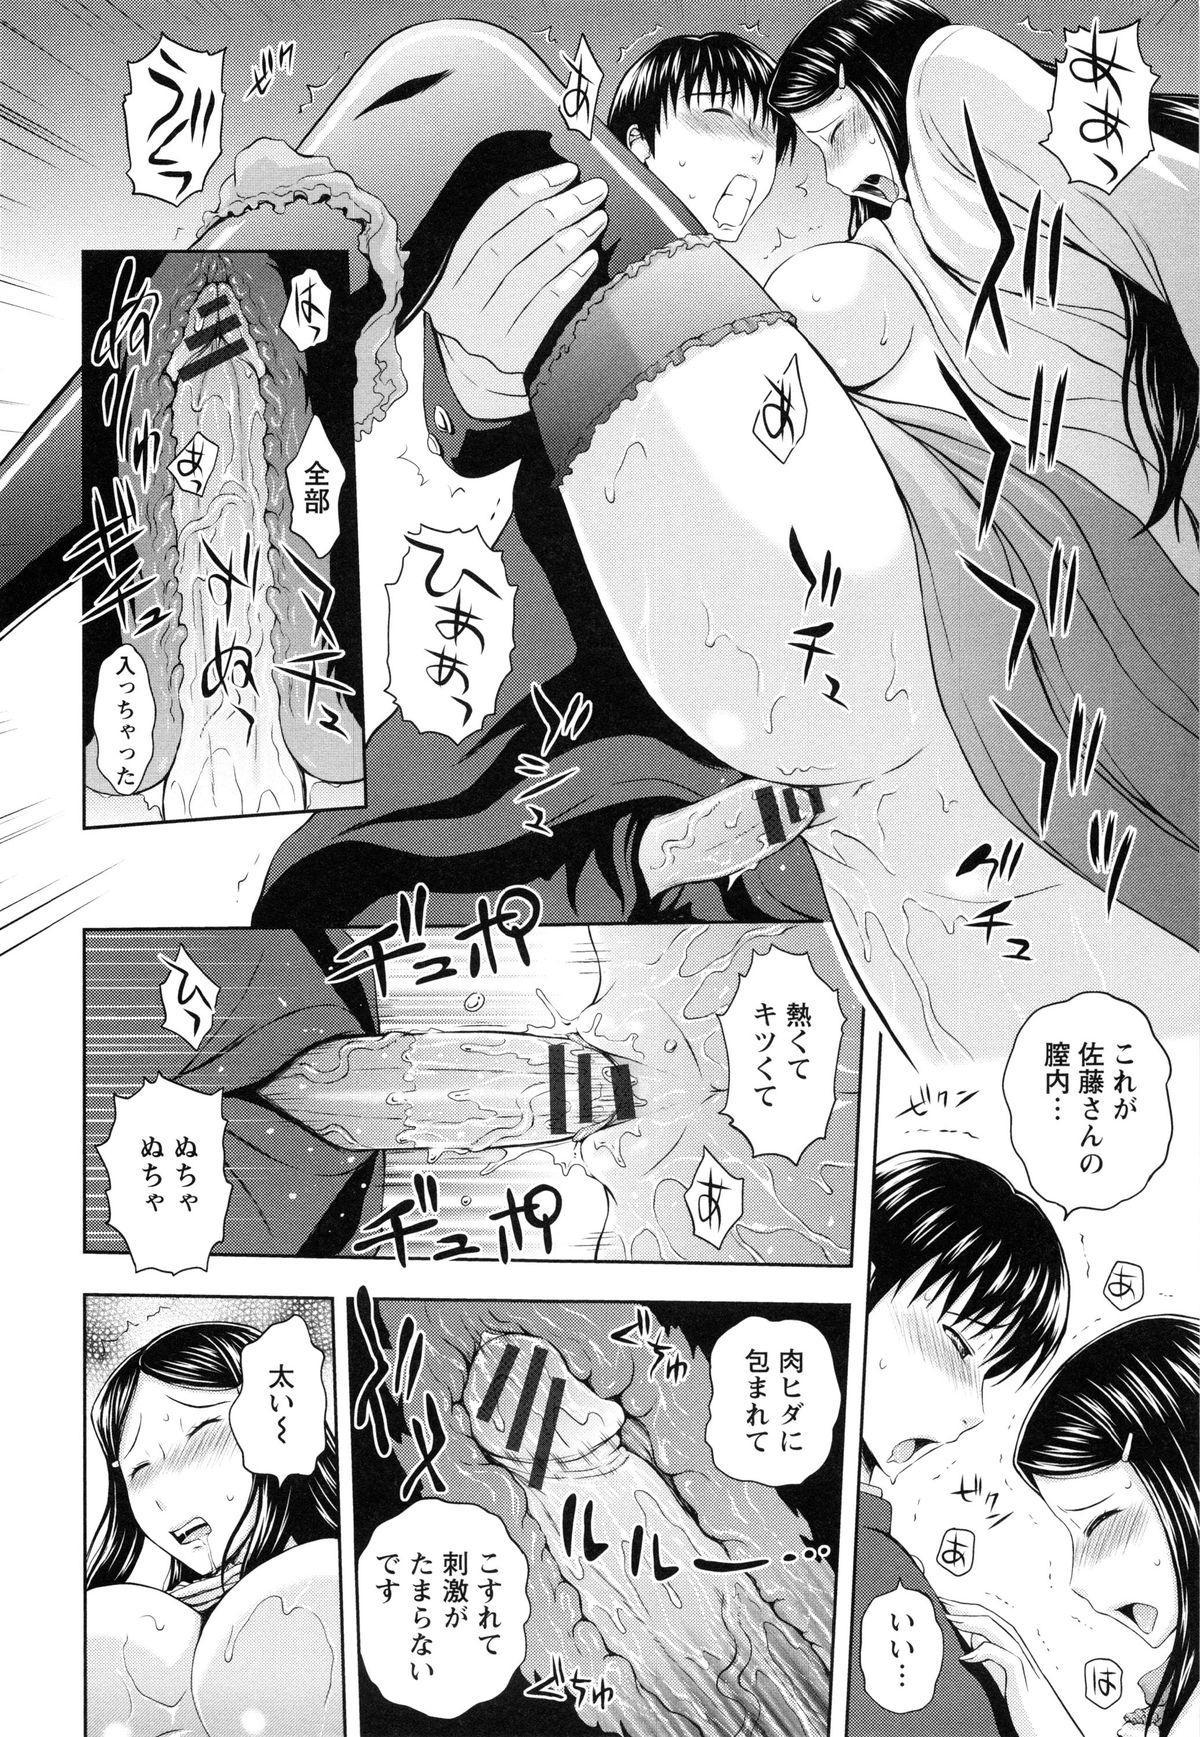 Inbaku no Wakazuma 142